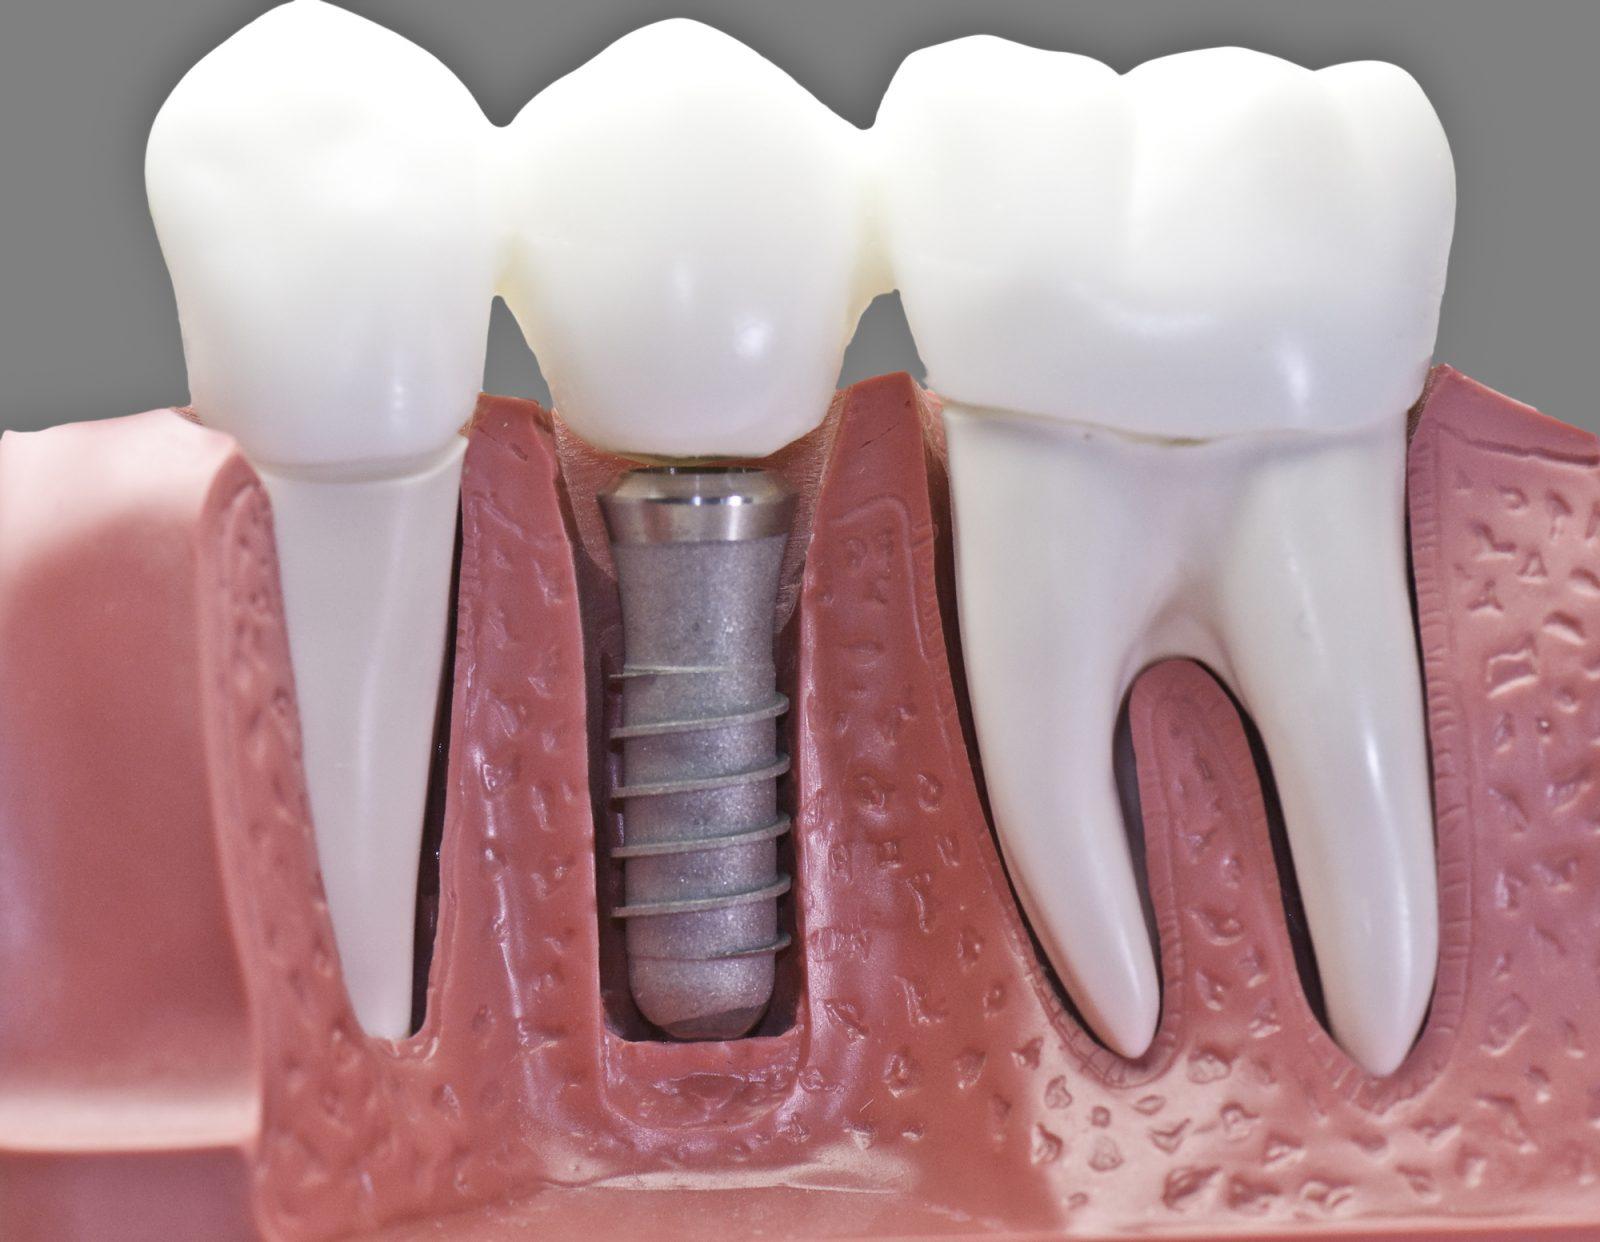 Implant dentaire : quel est le rôle du dentiste ?